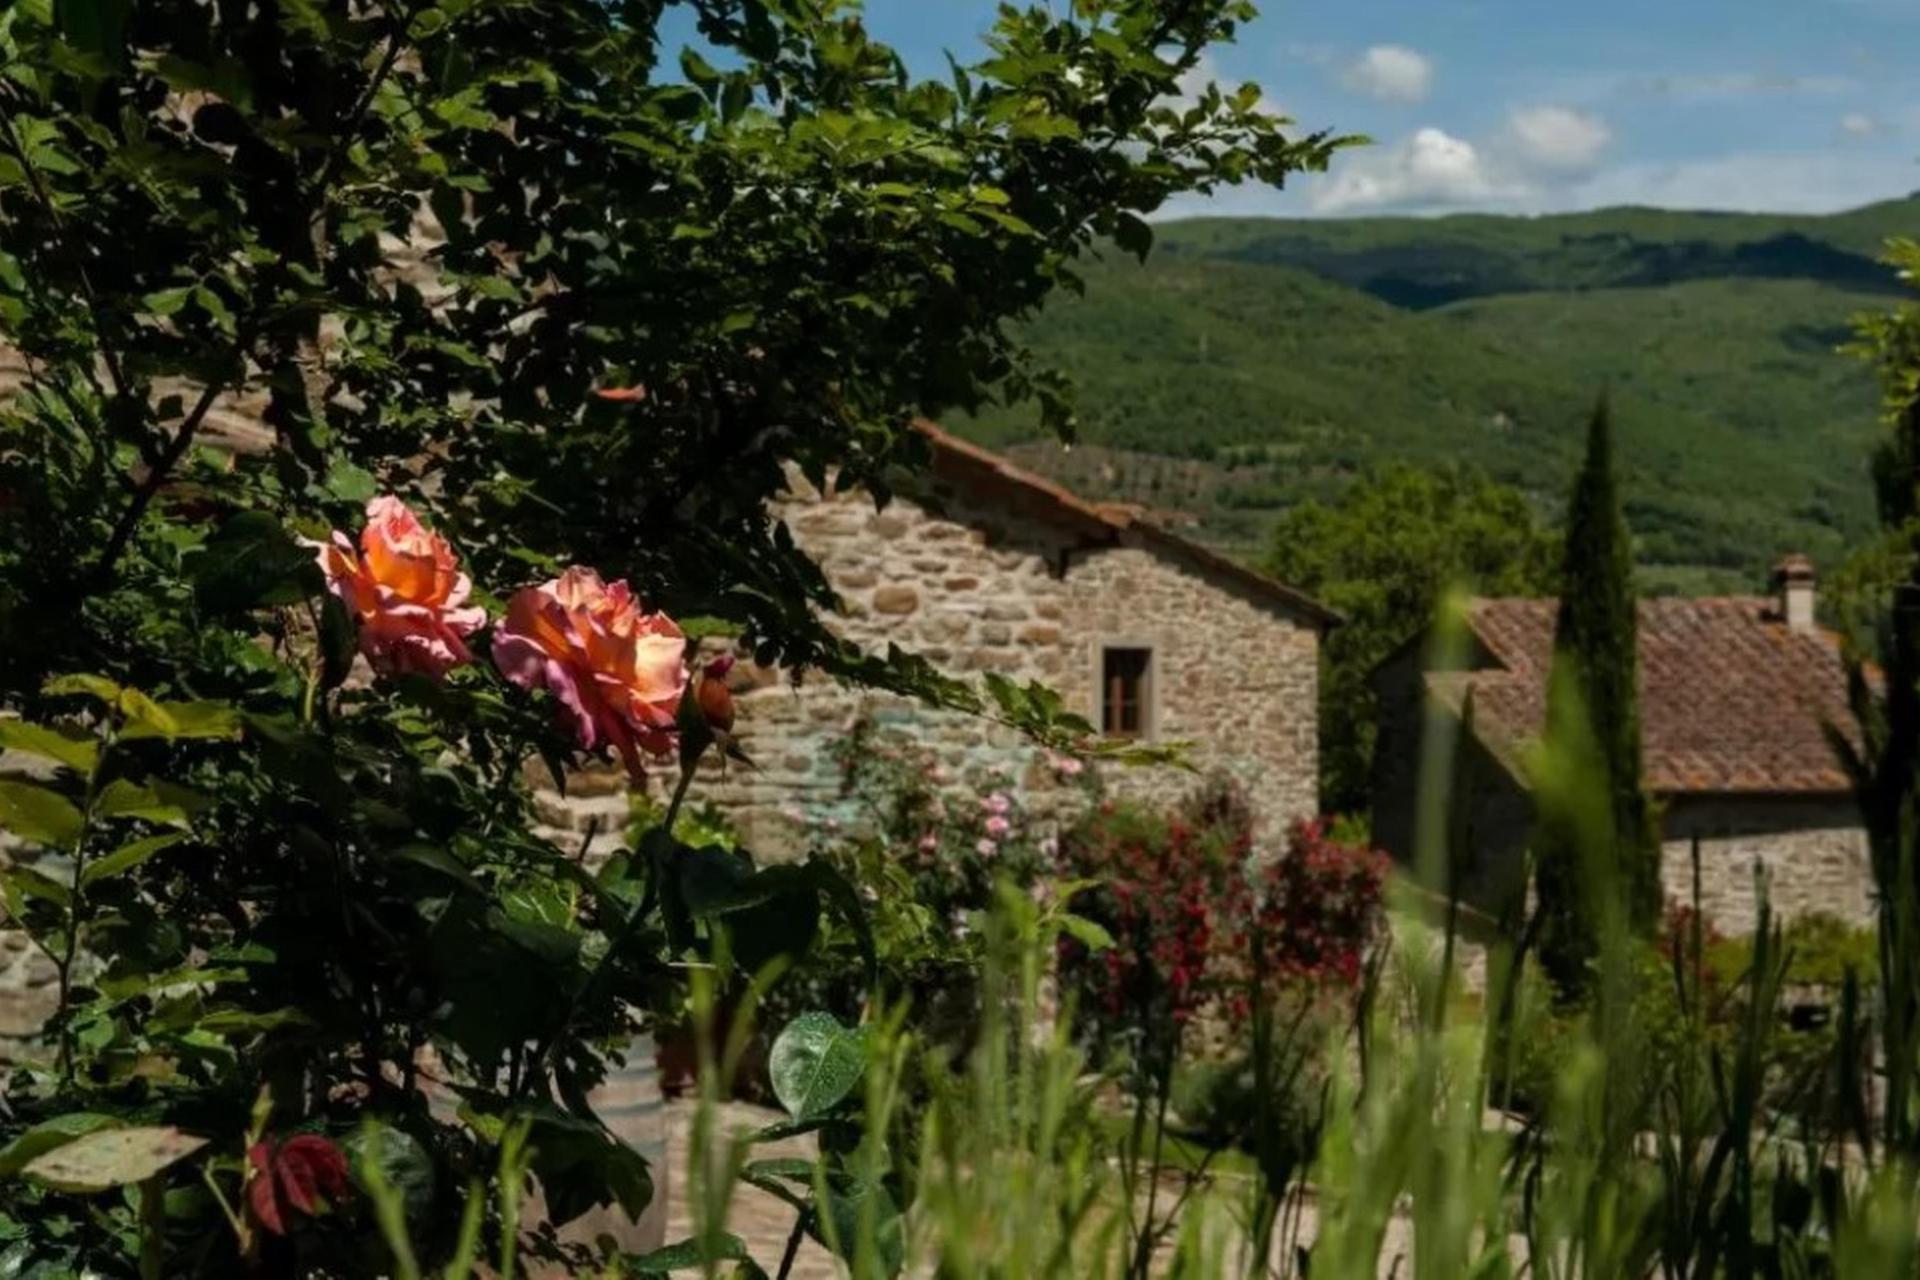 Agriturismo Le Marche Agriturismo le Marche, gastvrij en kindvriendelijk